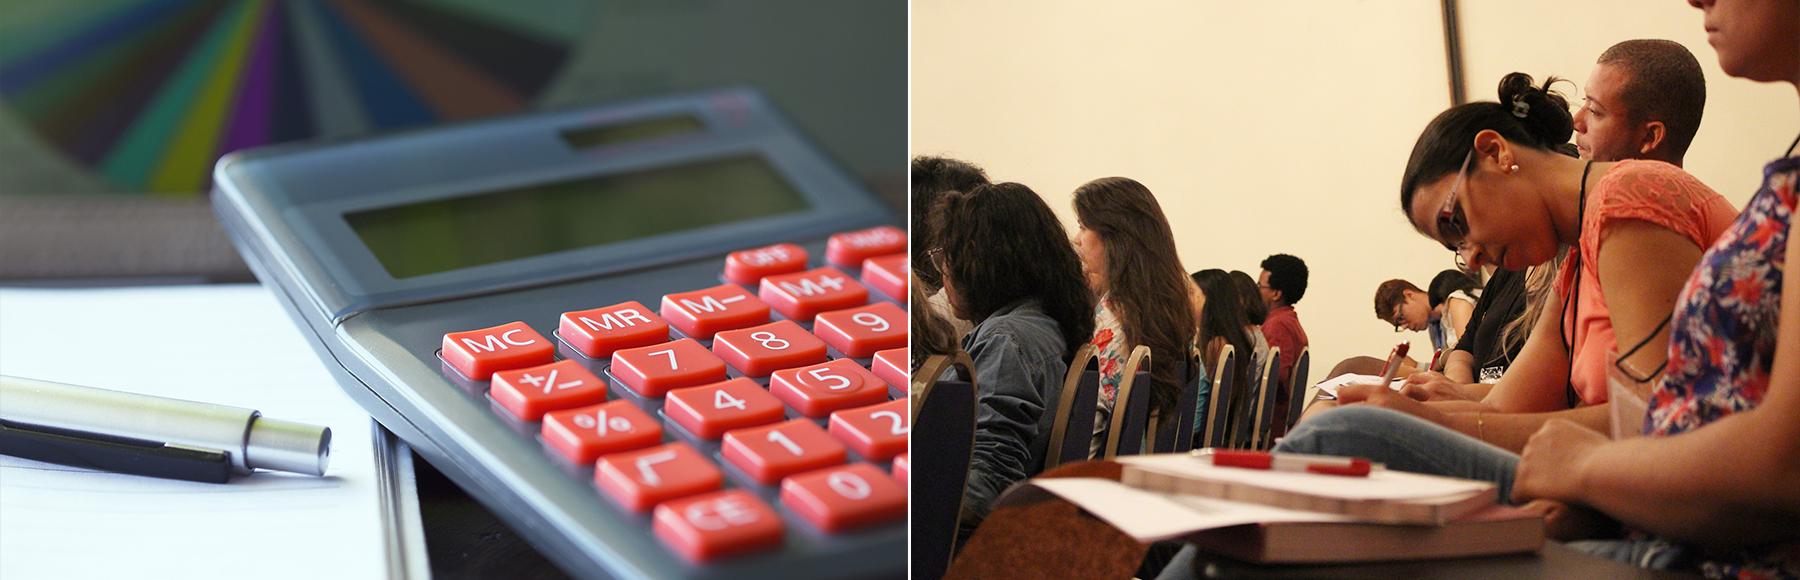 Curso de Orçamento Público em Saúde, Advocacy e Negociação para Jovens Lideranças